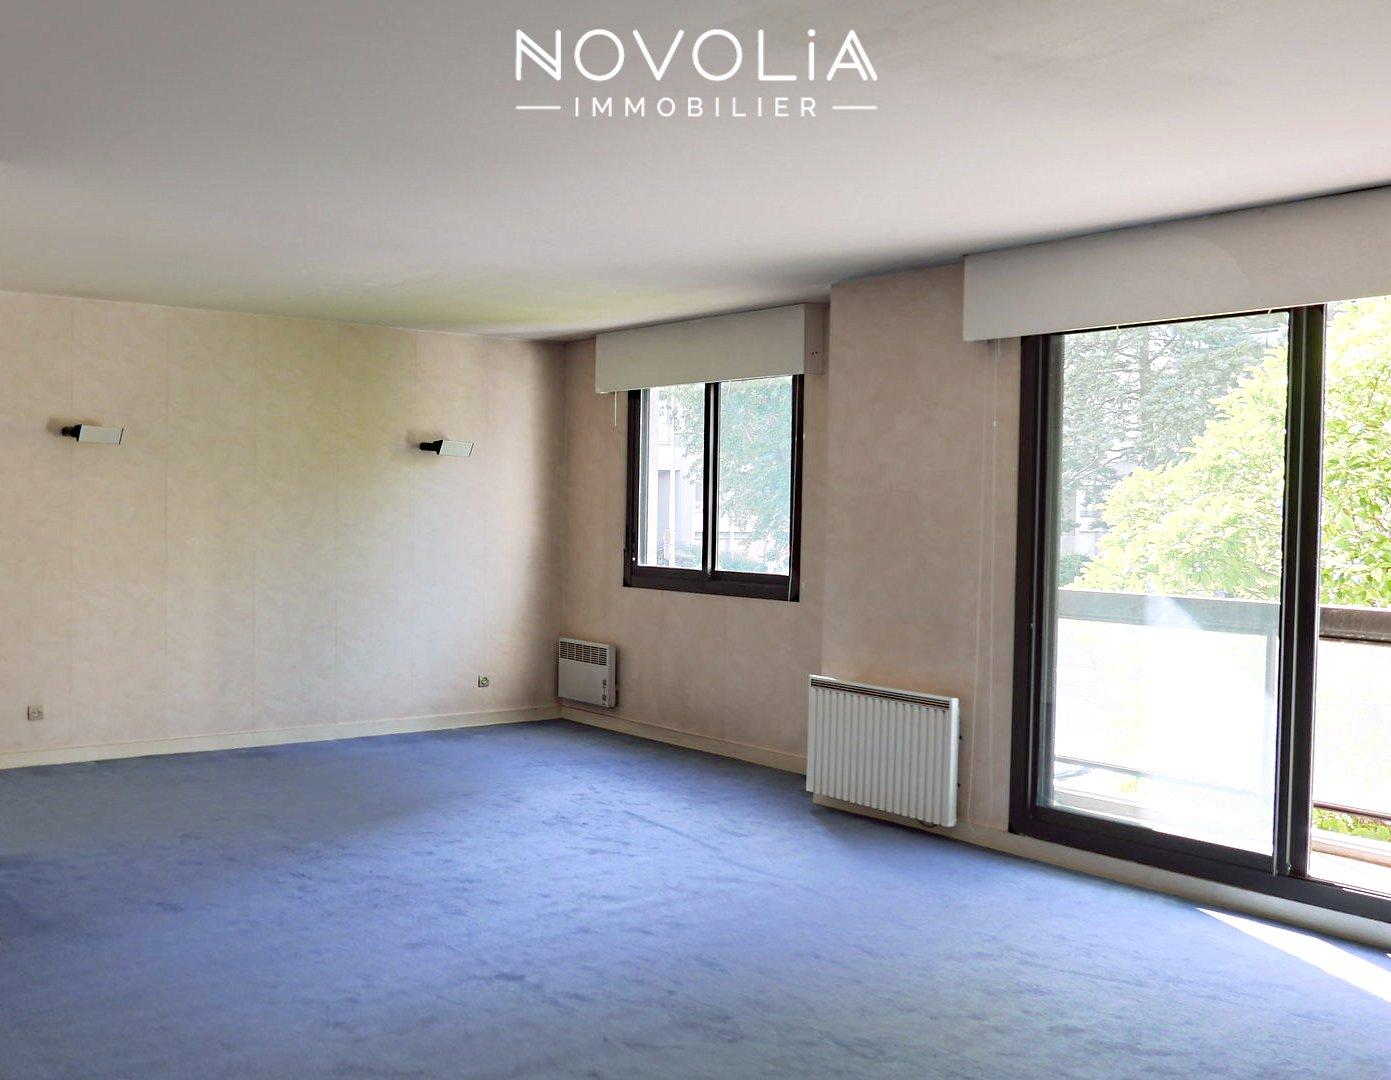 Achat Appartement, Surface de 88.12 m²/ Total carrez : 88.12 m², 3 pièces, Lyon 3ème (69003)